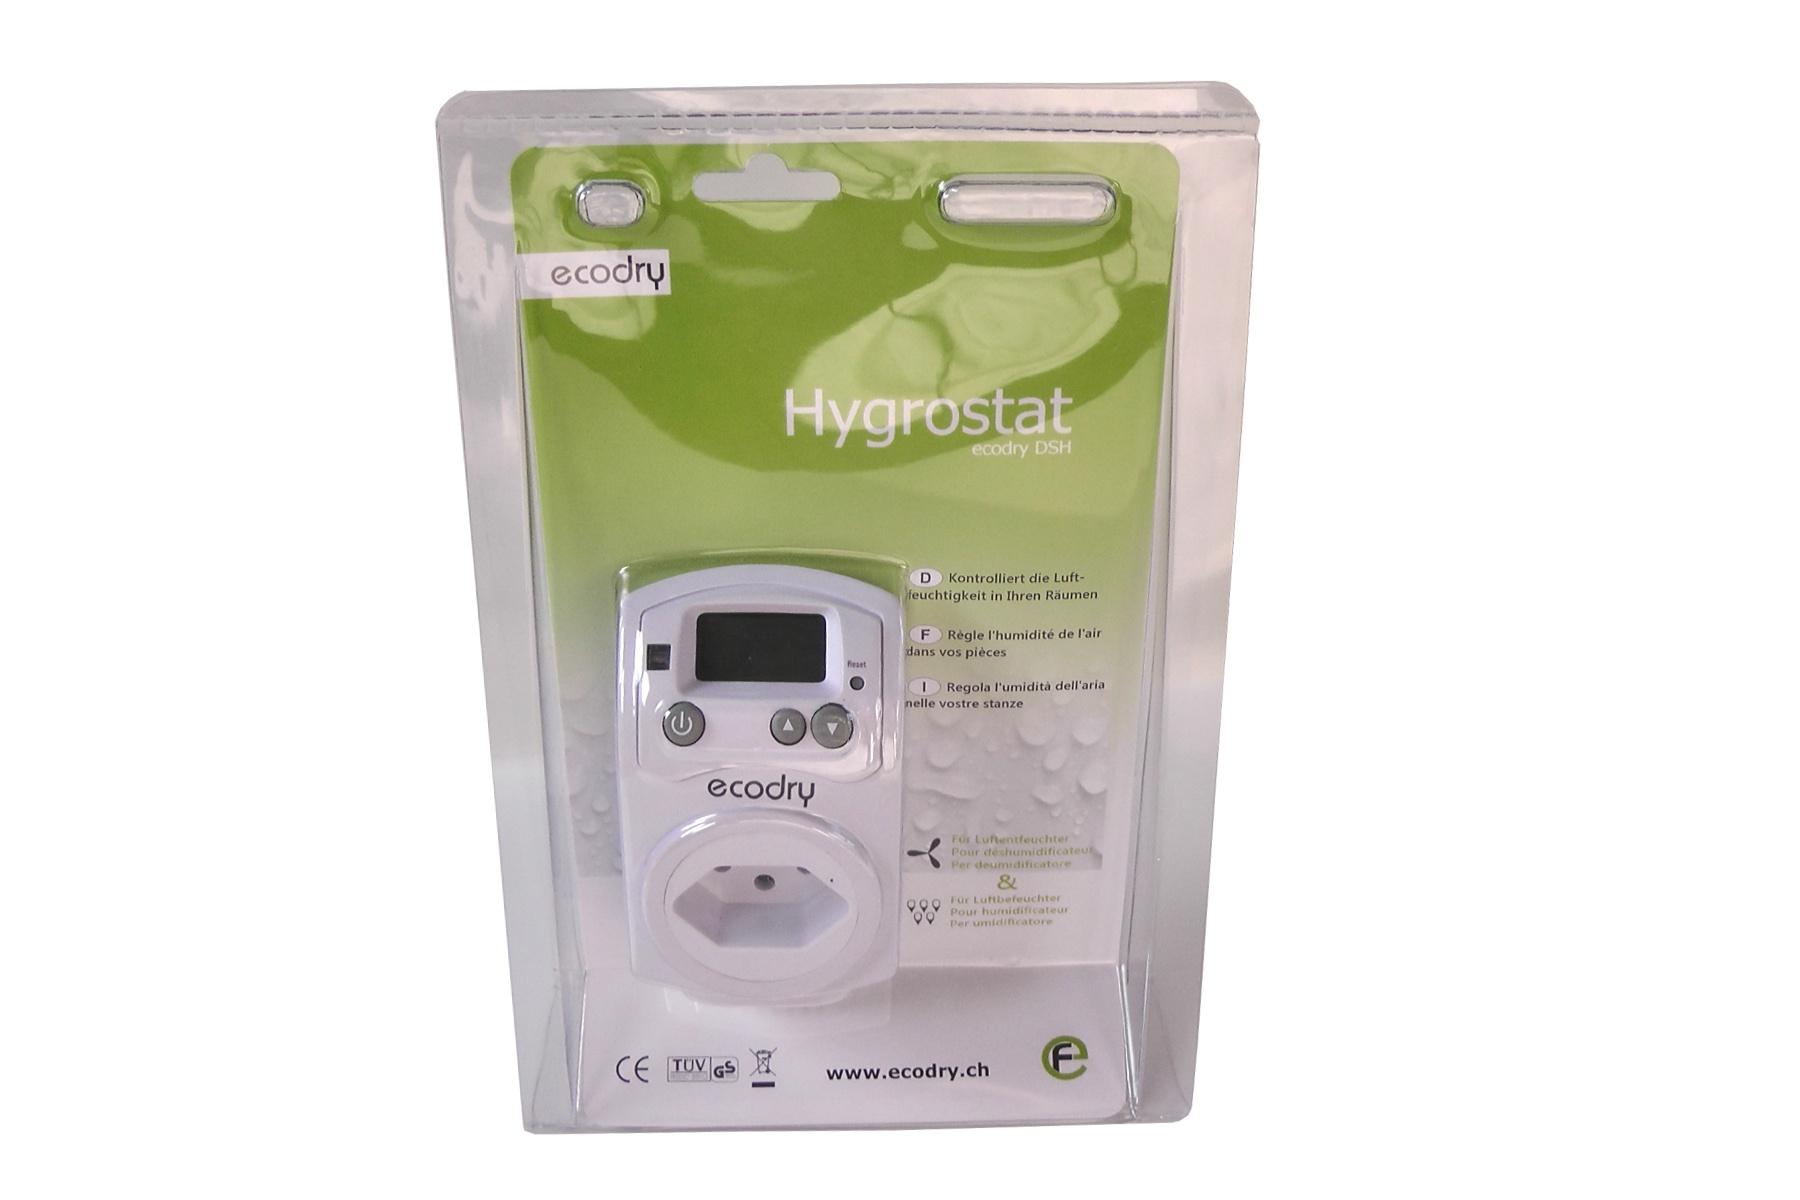 Ecodry DSH Steckdosen-Hygrostat